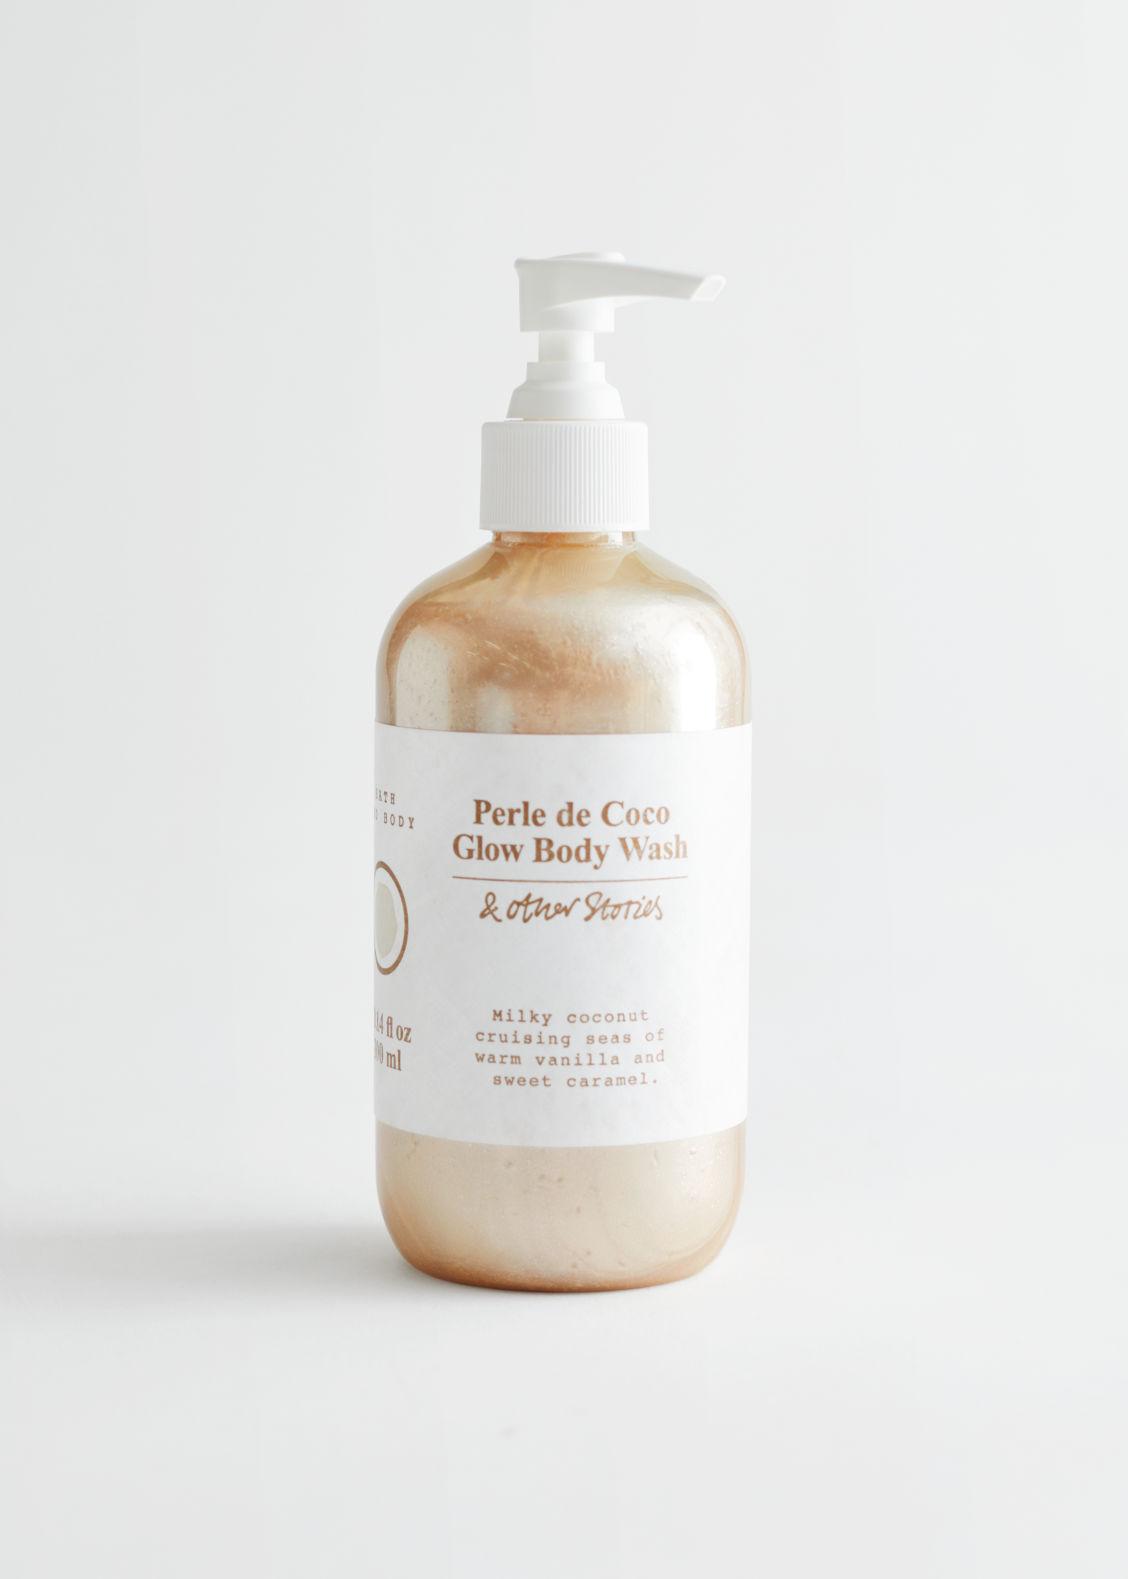 앤 아더 스토리즈 '펄 드 코코' 글로우 바디 워시 & OTHER STORIES Perle de Coco Glow Body Wash